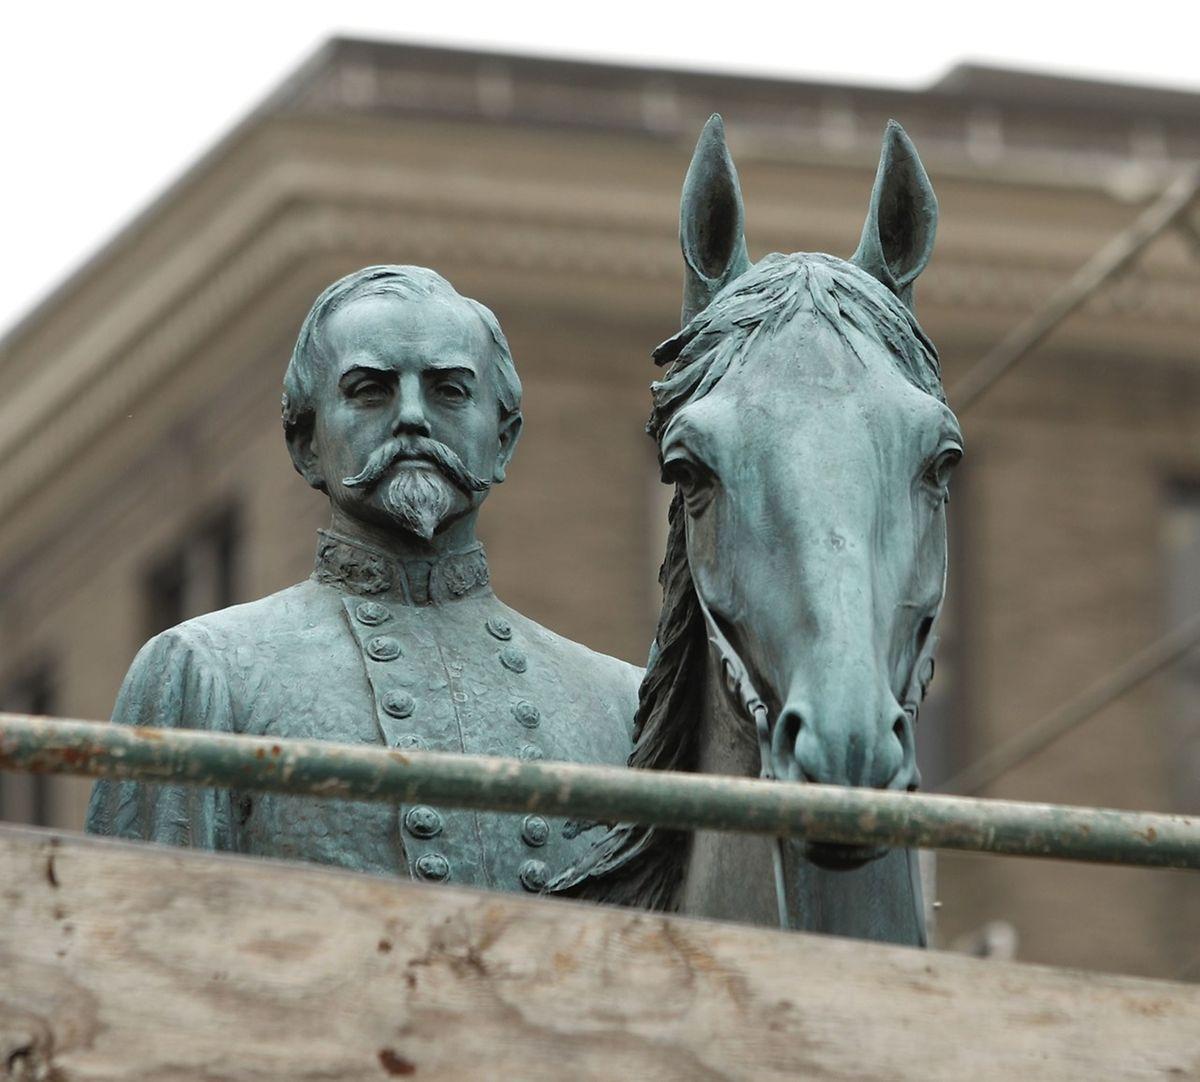 Das Denkmal von General John Hunt Morgan steht für Soldaten, die auf der Seite der Konföderierten im Amerikanischen Bürgerkrieg starben. Die Südstaaten wollten damals die Sklaverei beibehalten.